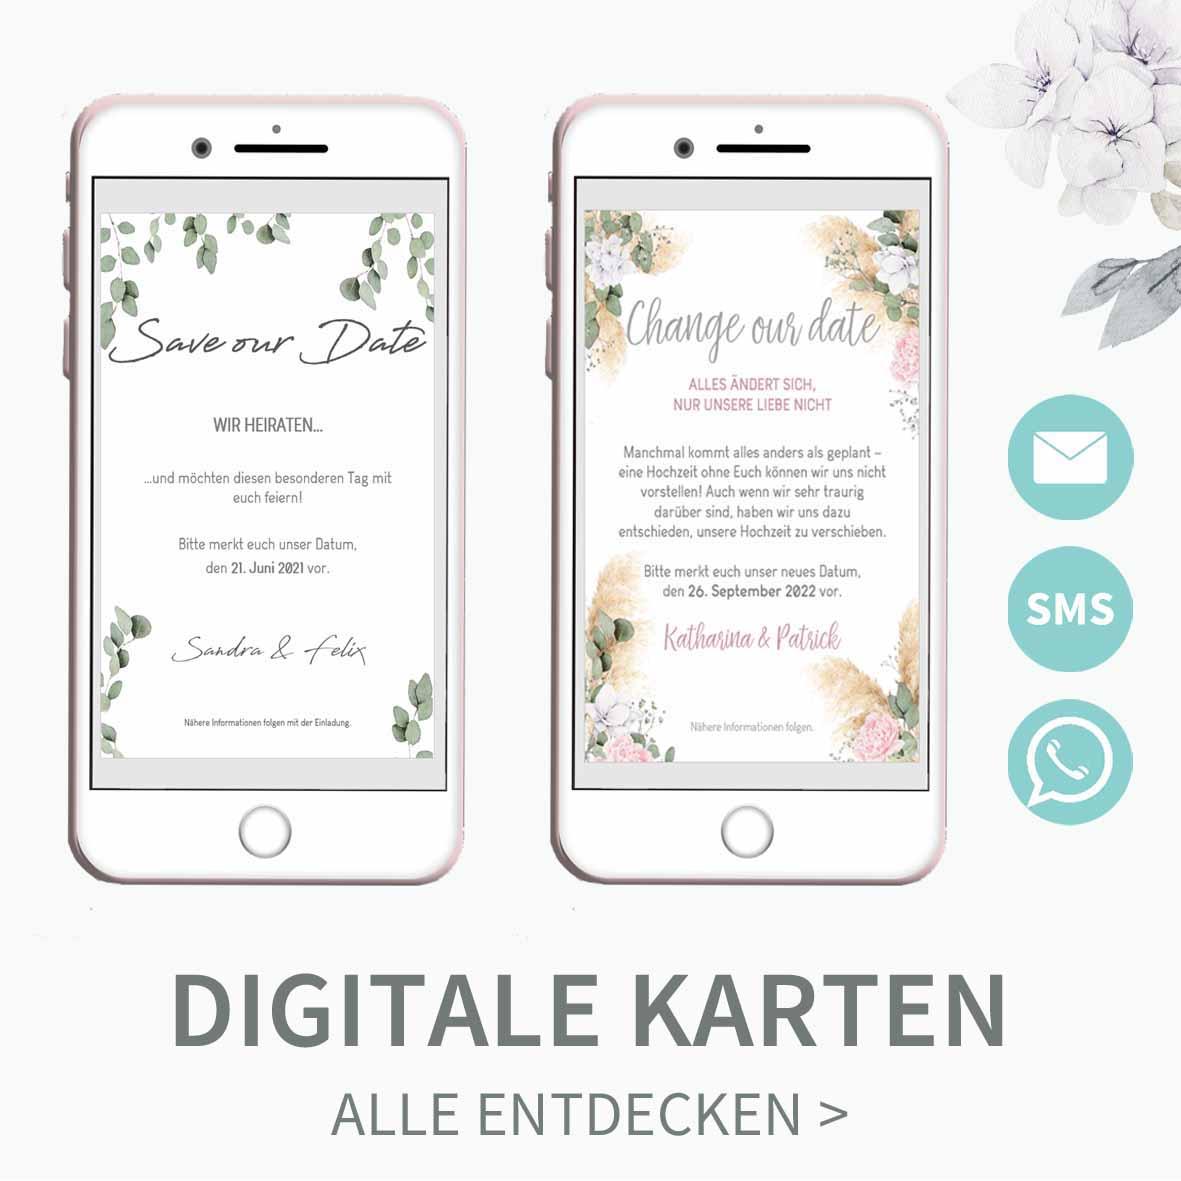 Vorlagen für digitale Hochzeitskarten, per E-Mail oder Handy verschicken